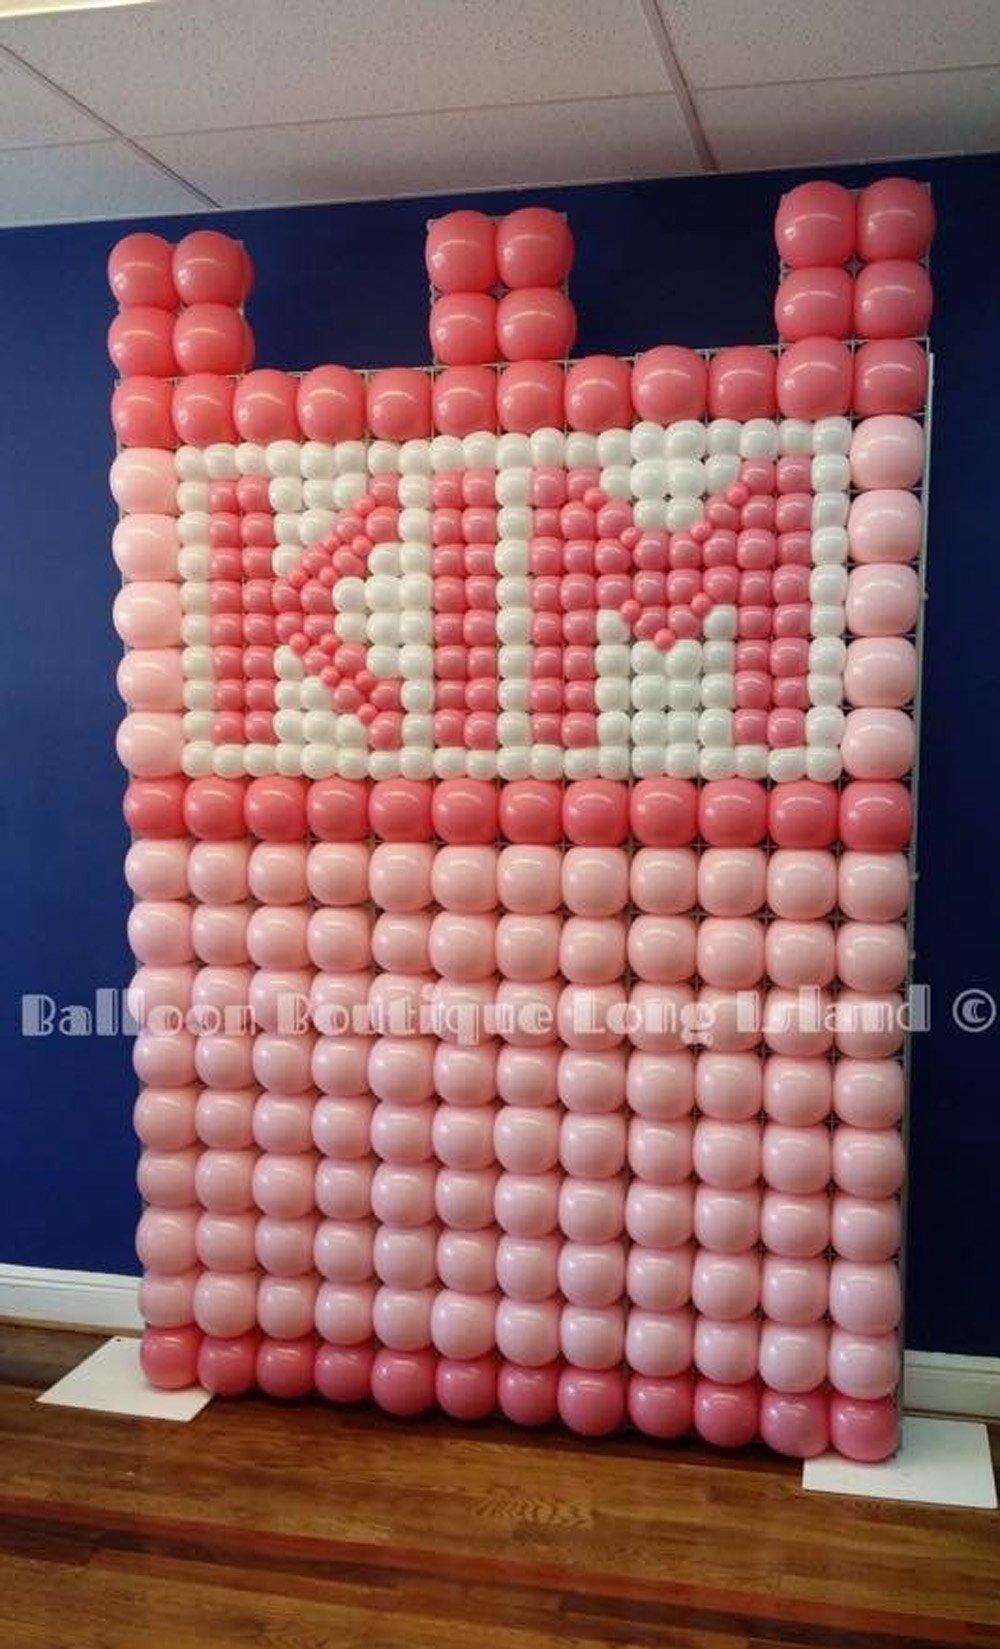 Balloon Walls Long Island NY